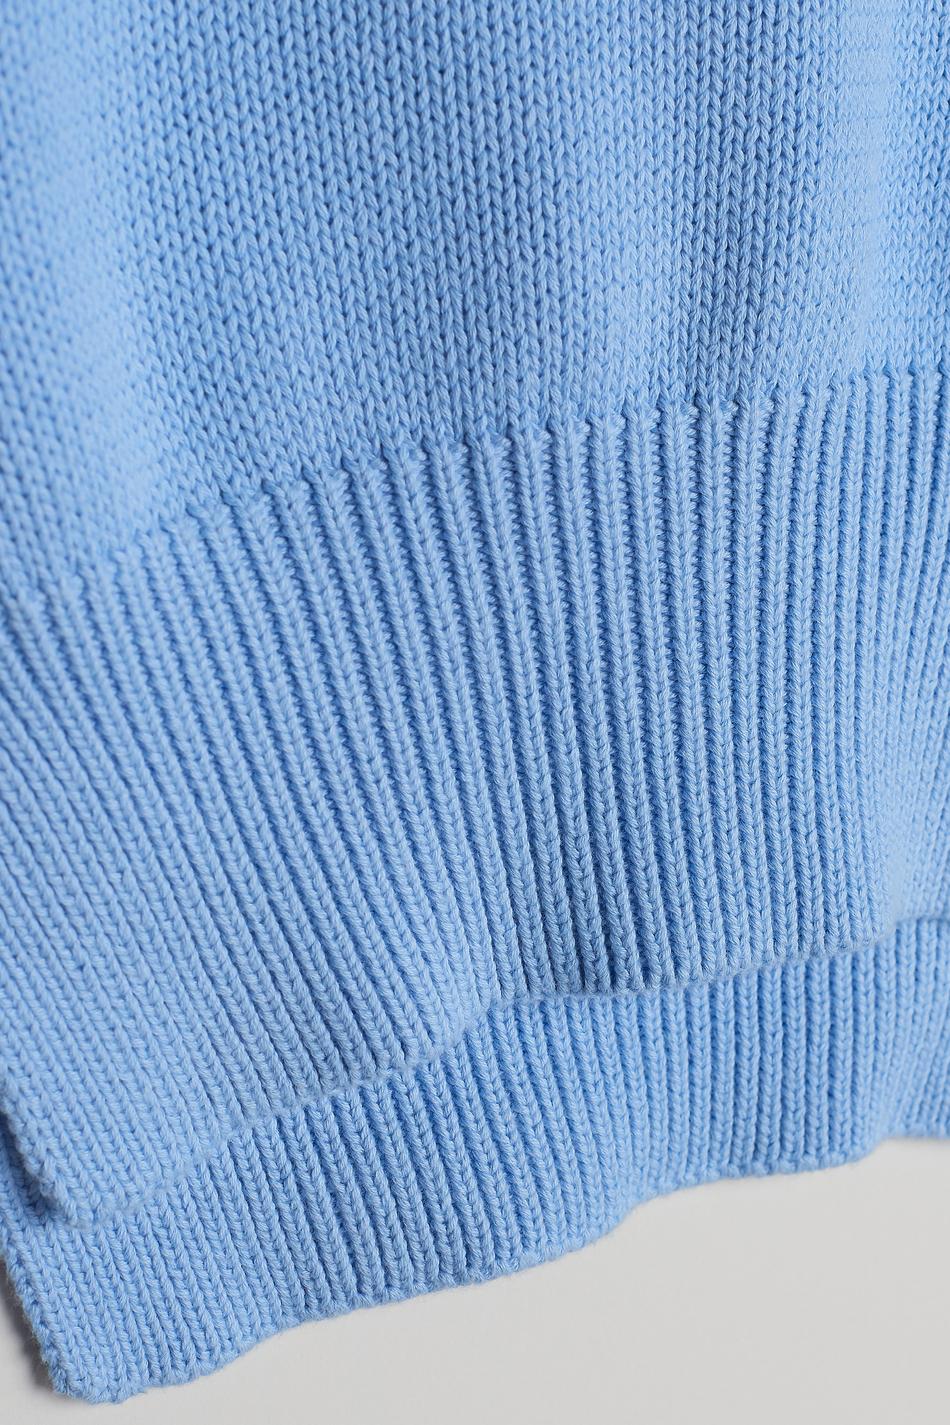 577 Sheego Cardigan Tricot Veste Shirt Veste Rosa boreaux argile avec paillettes